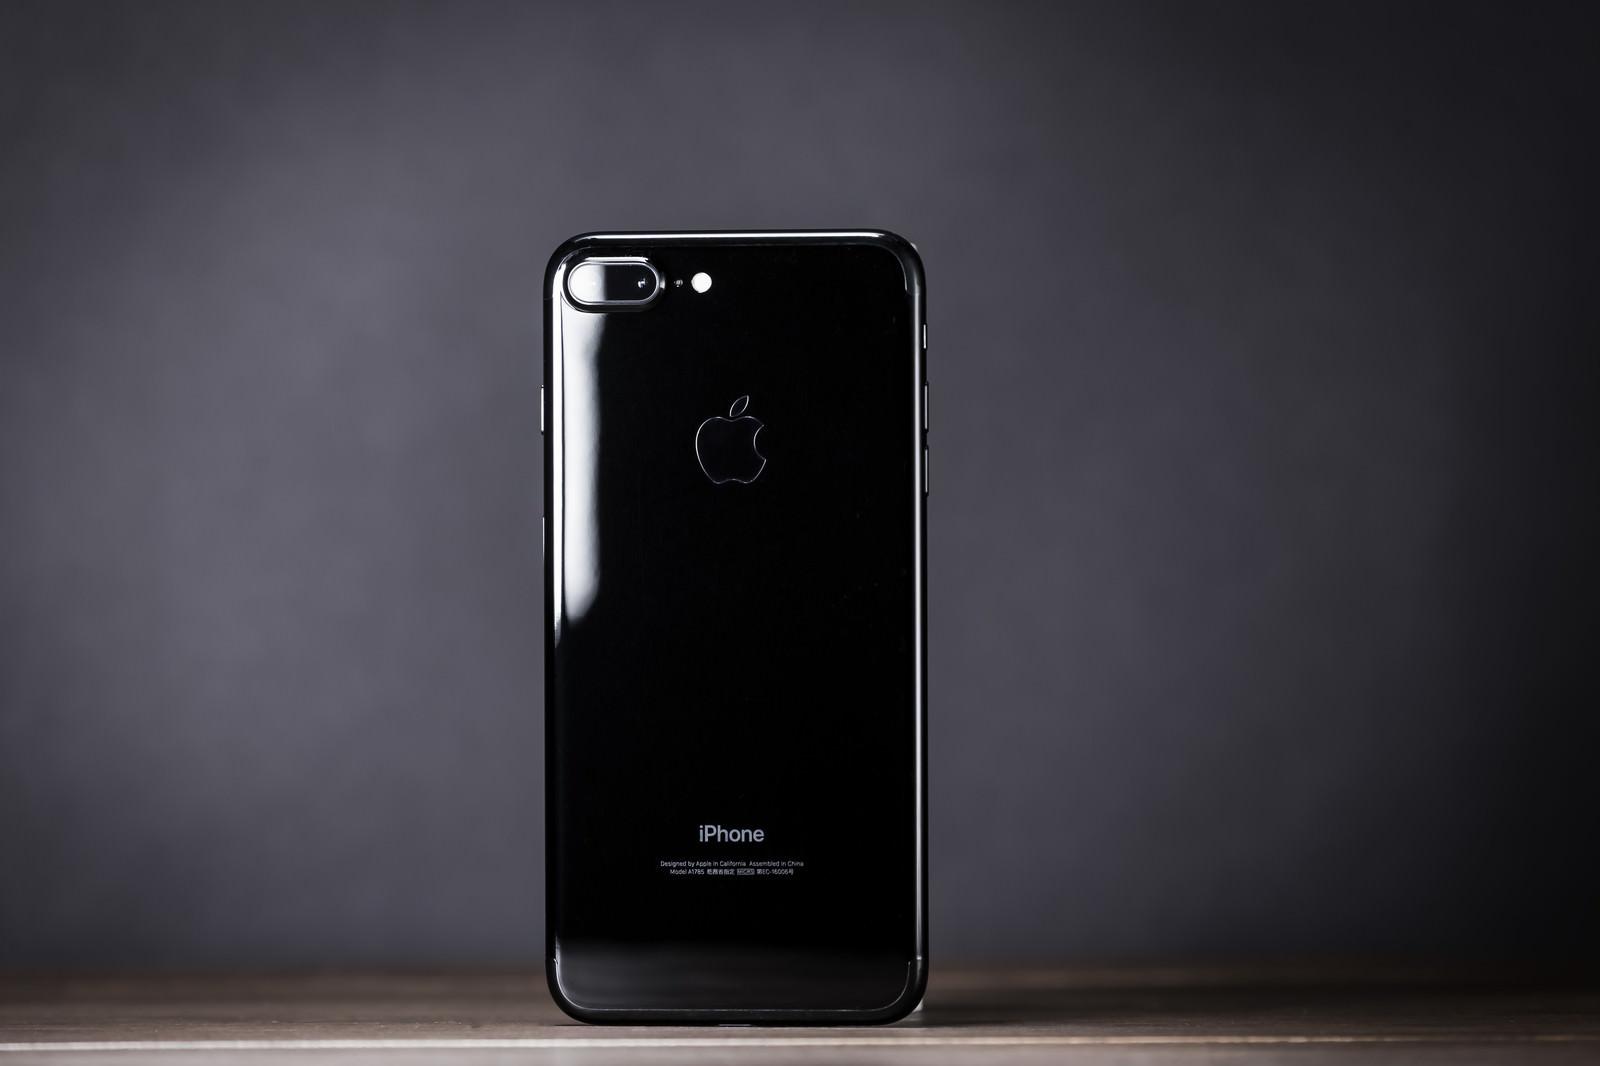 「光沢の反射が美しいブラックモデルのスマートフォン」の写真